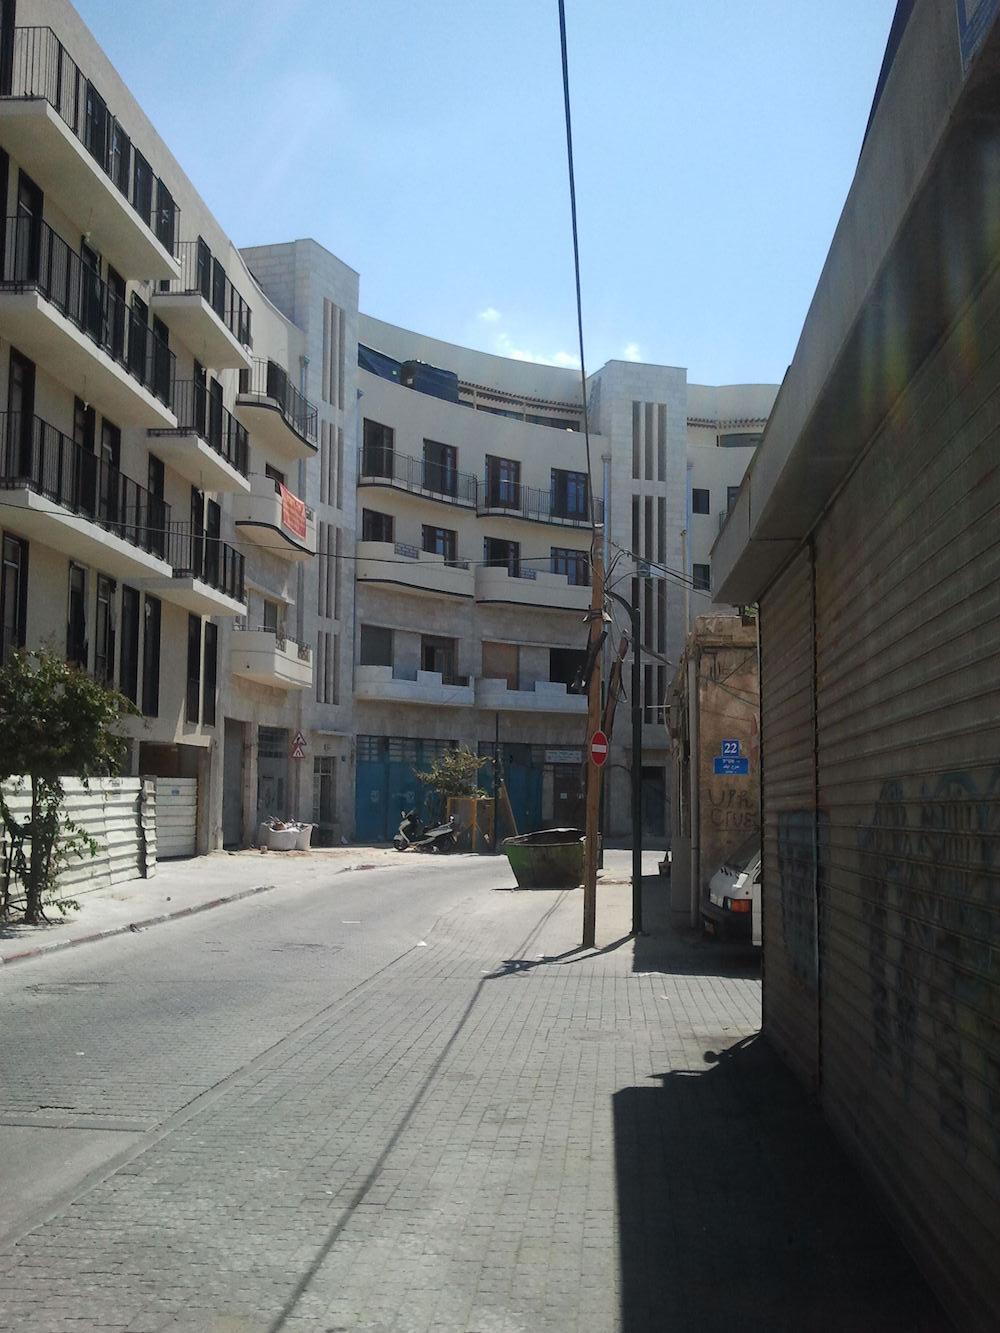 In Jaffa.